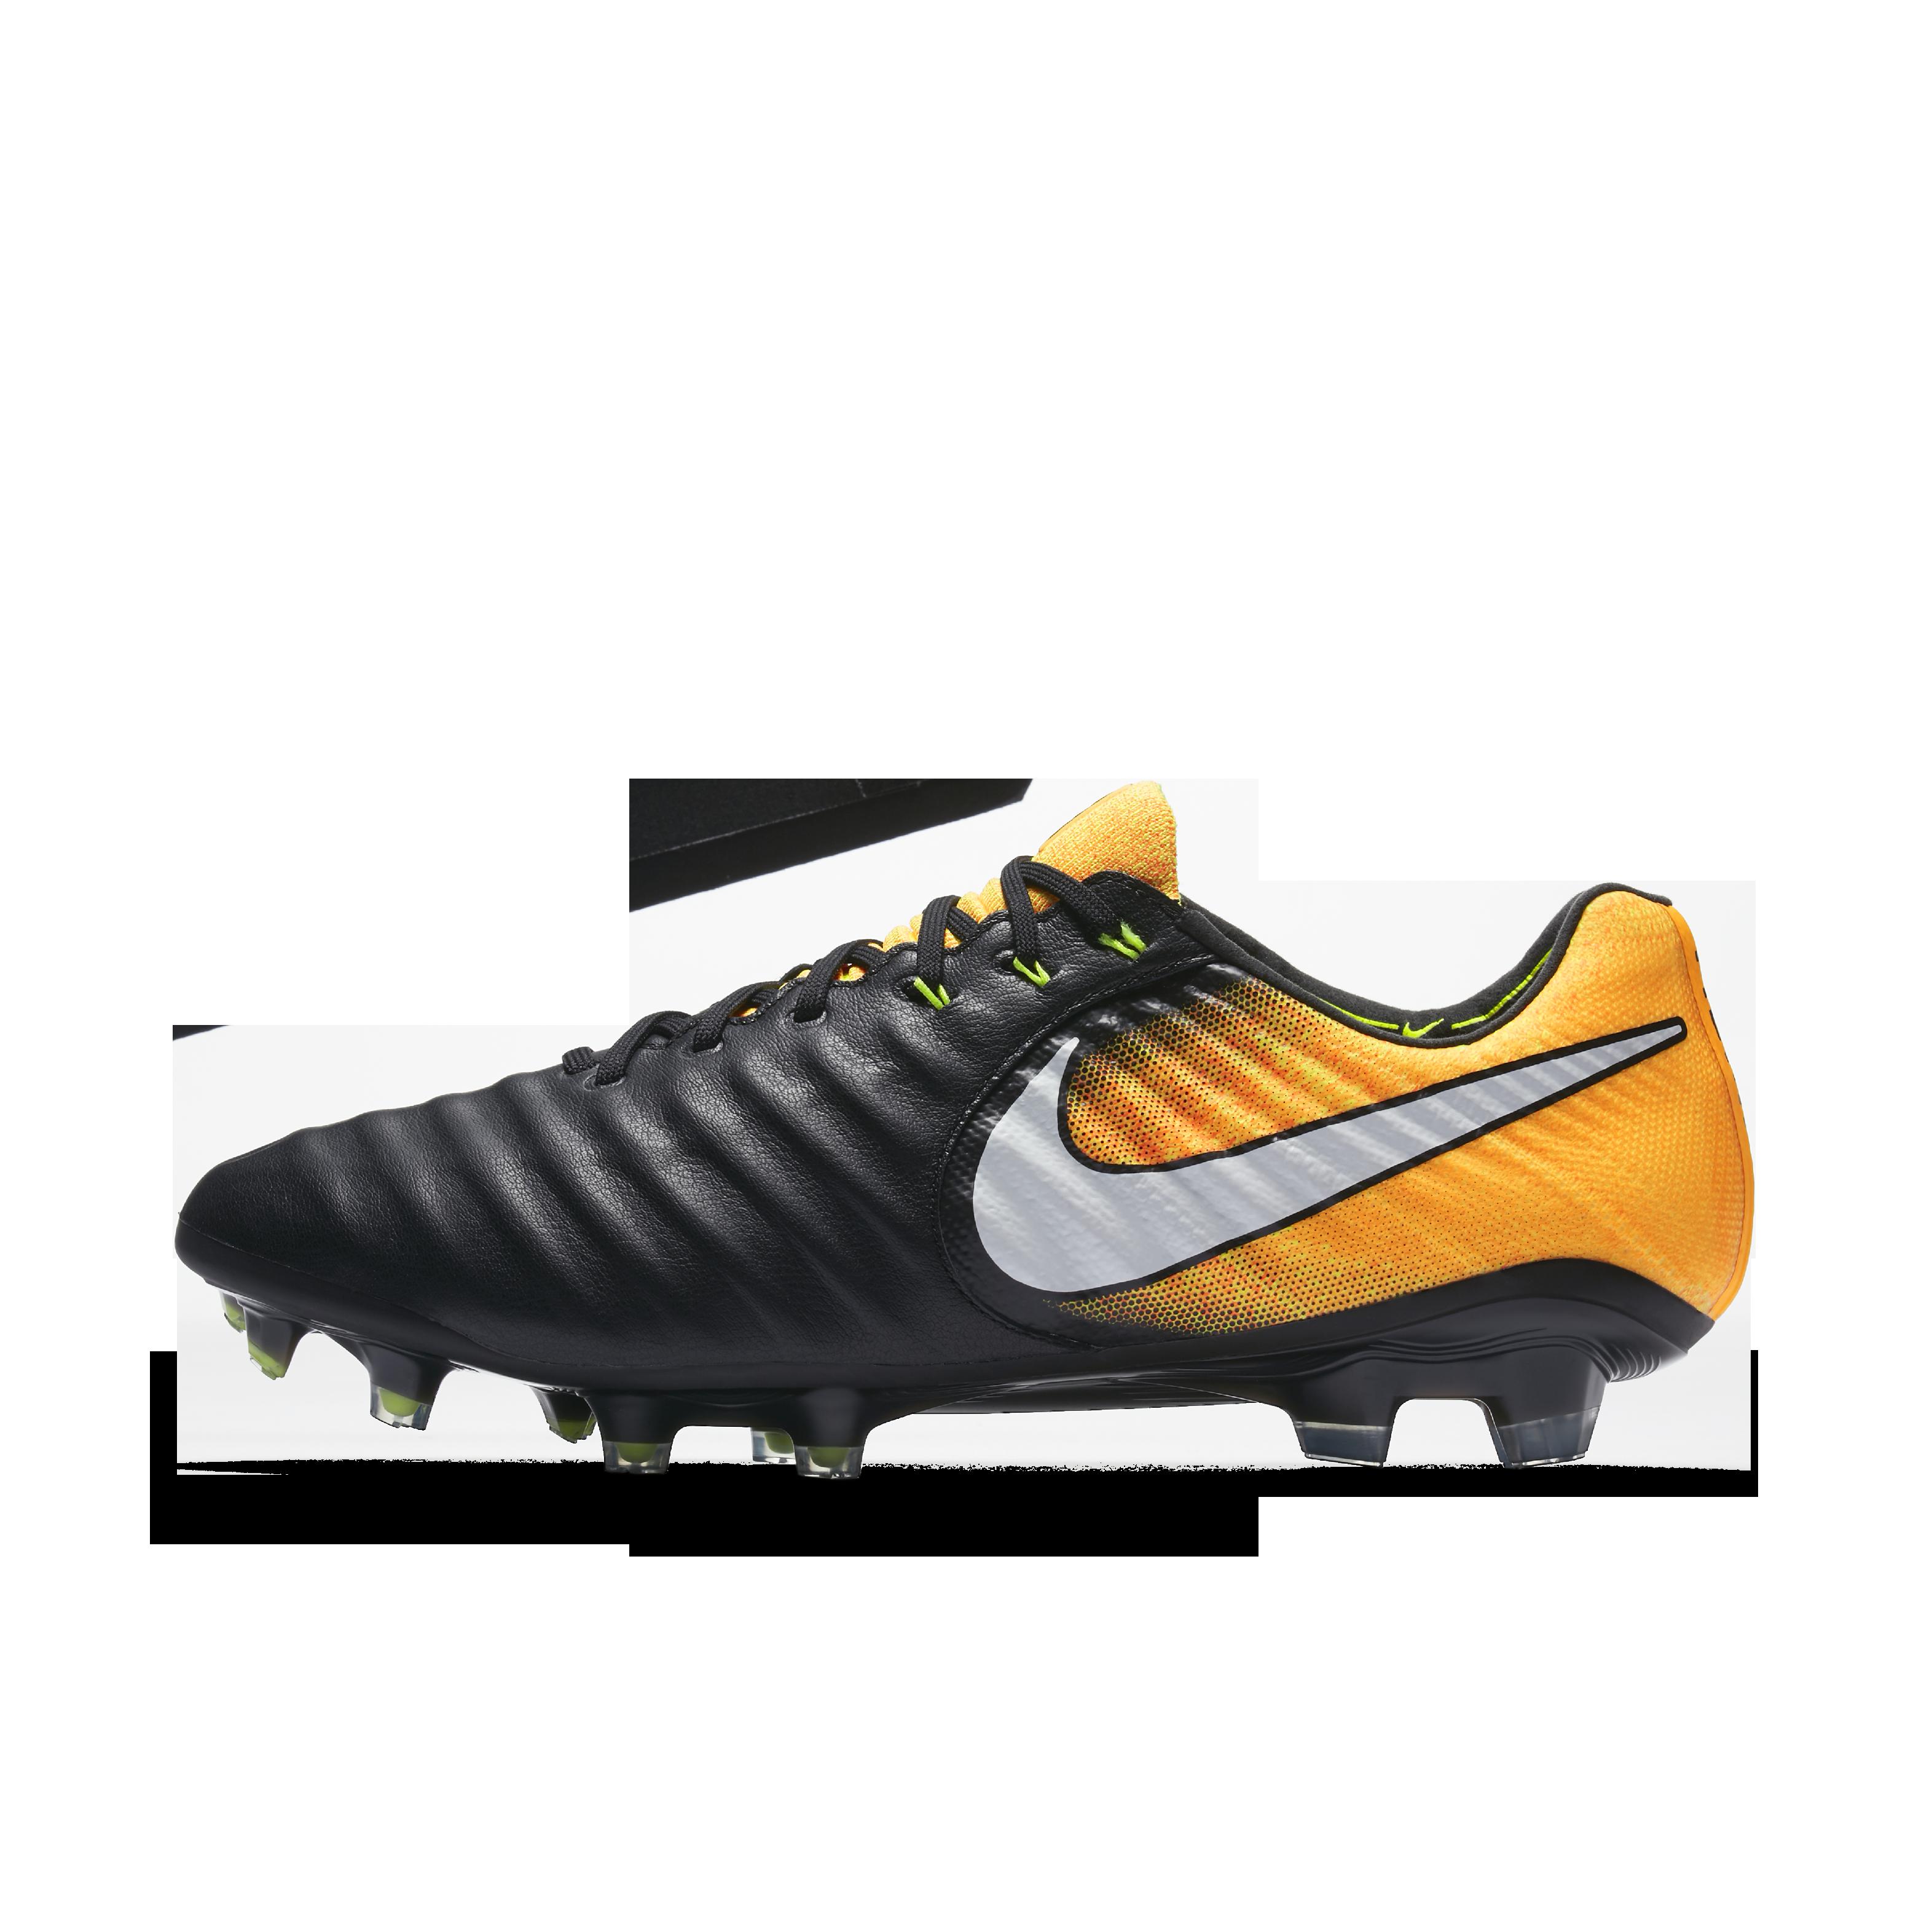 dddead86e65 Nike Tiempo Legend 7 Soccer Cleats.